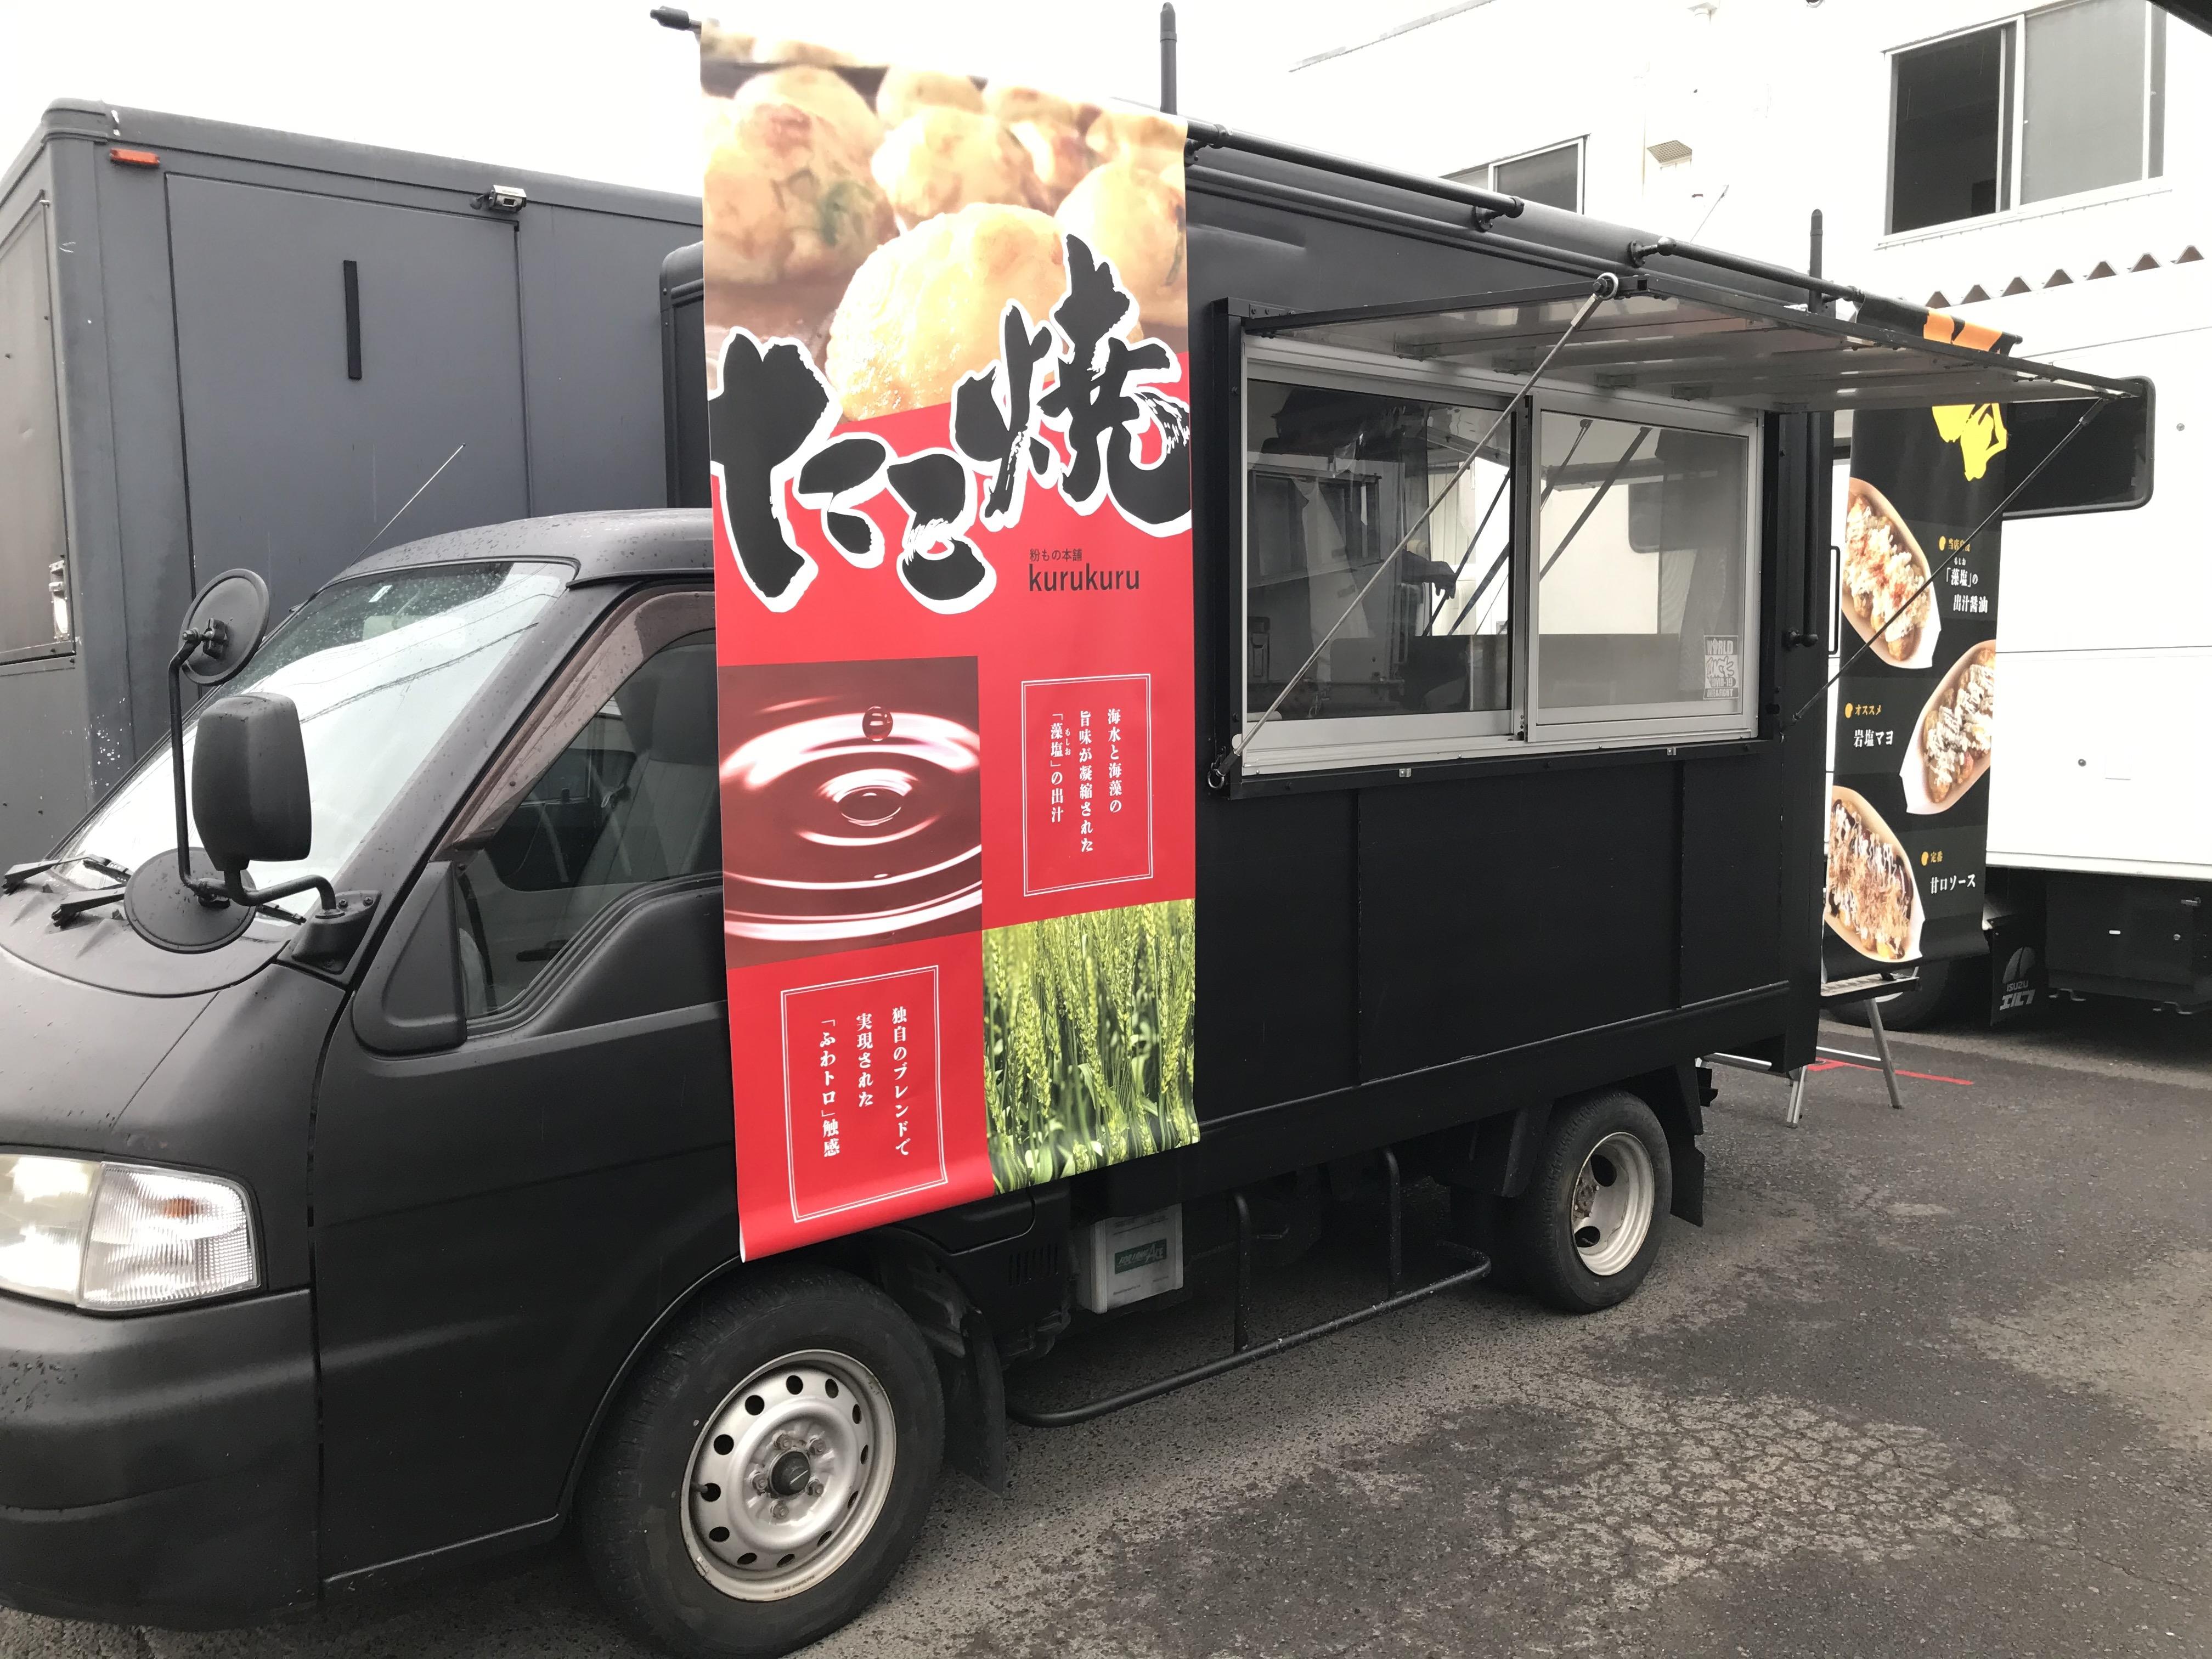 粉もの本舗kurukuru,キッチンカー,フードトラック,出店,愛知,たこ焼き